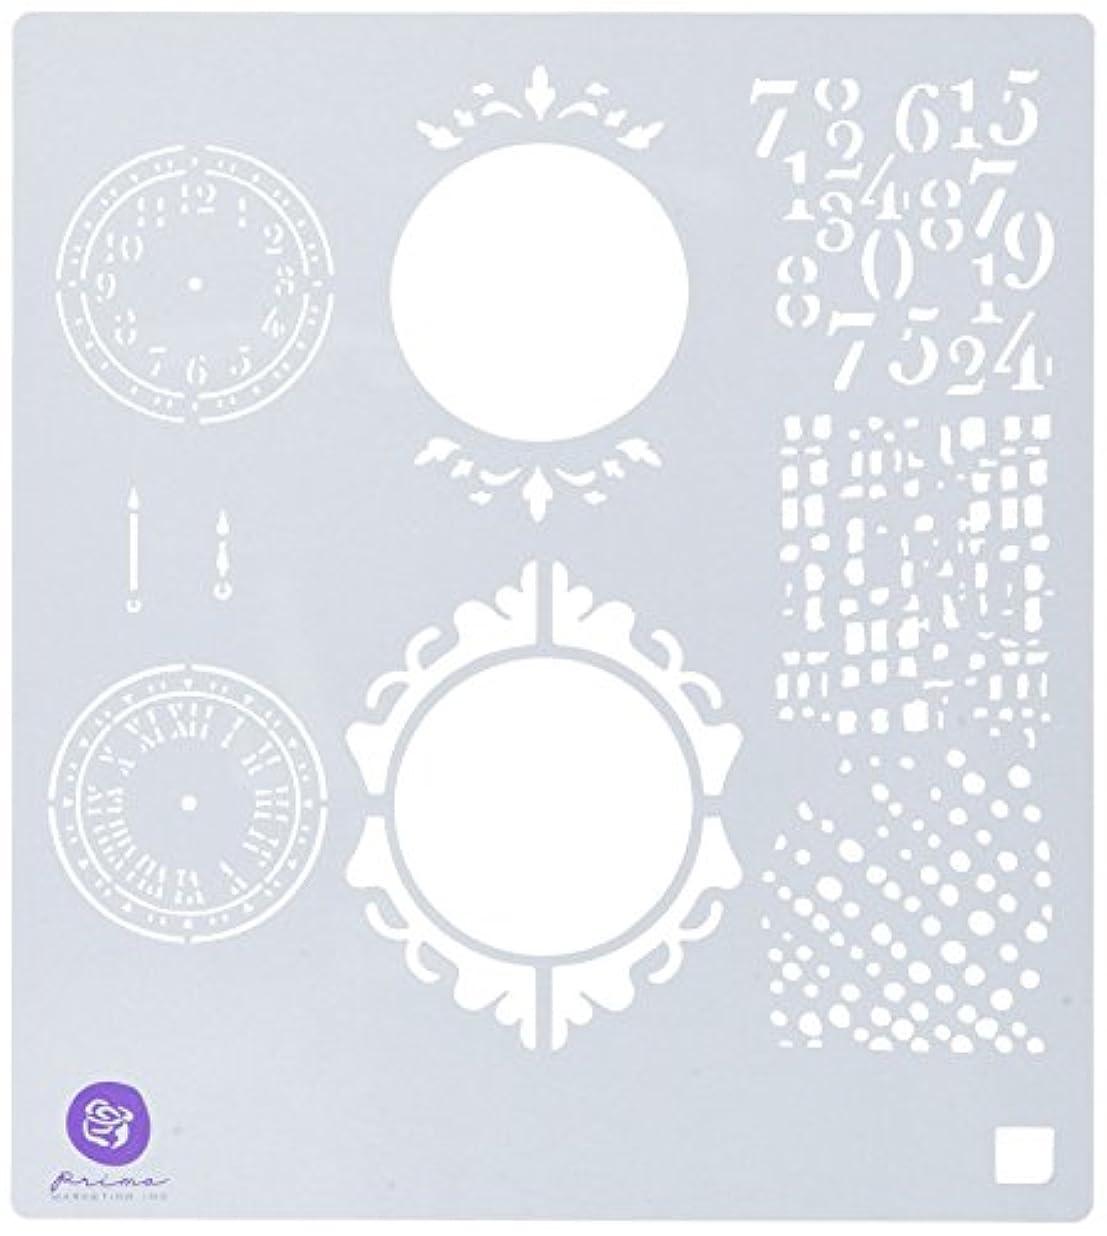 増強する悪性腫瘍数値Salvage District Stencil 15cm x 15cm -Clocks